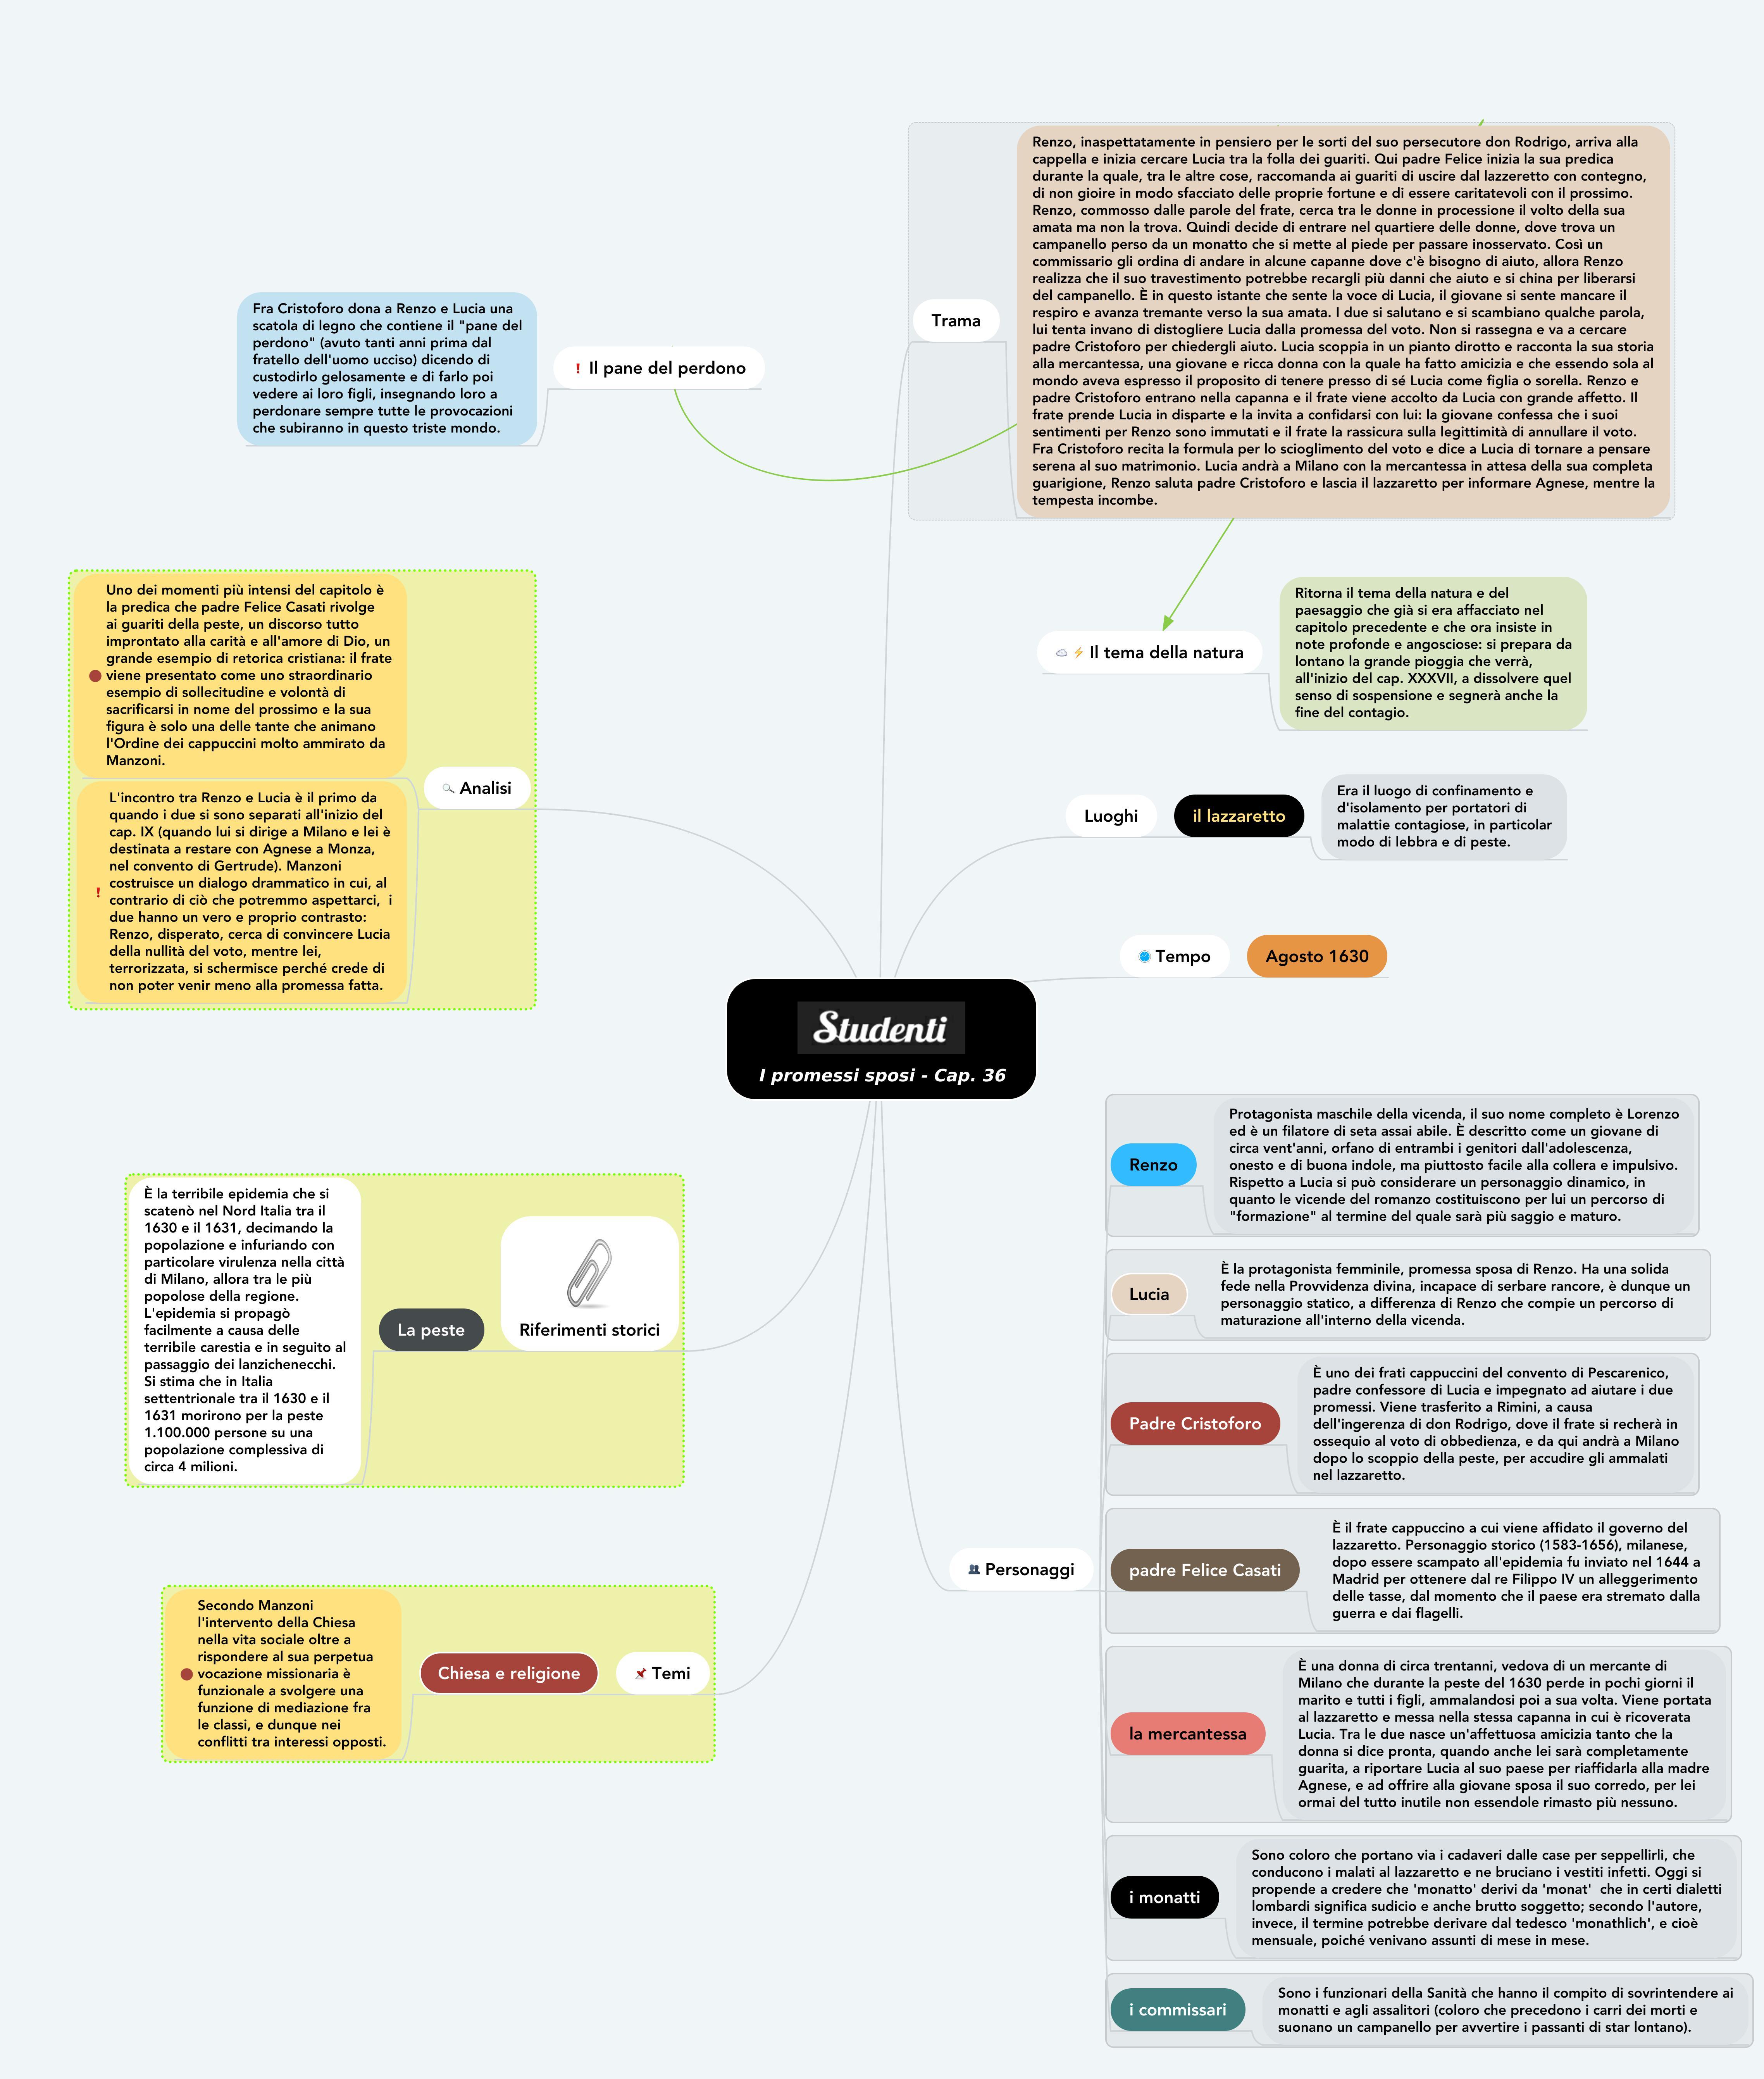 Mappa concettuale capitolo 36 I promessi sposi